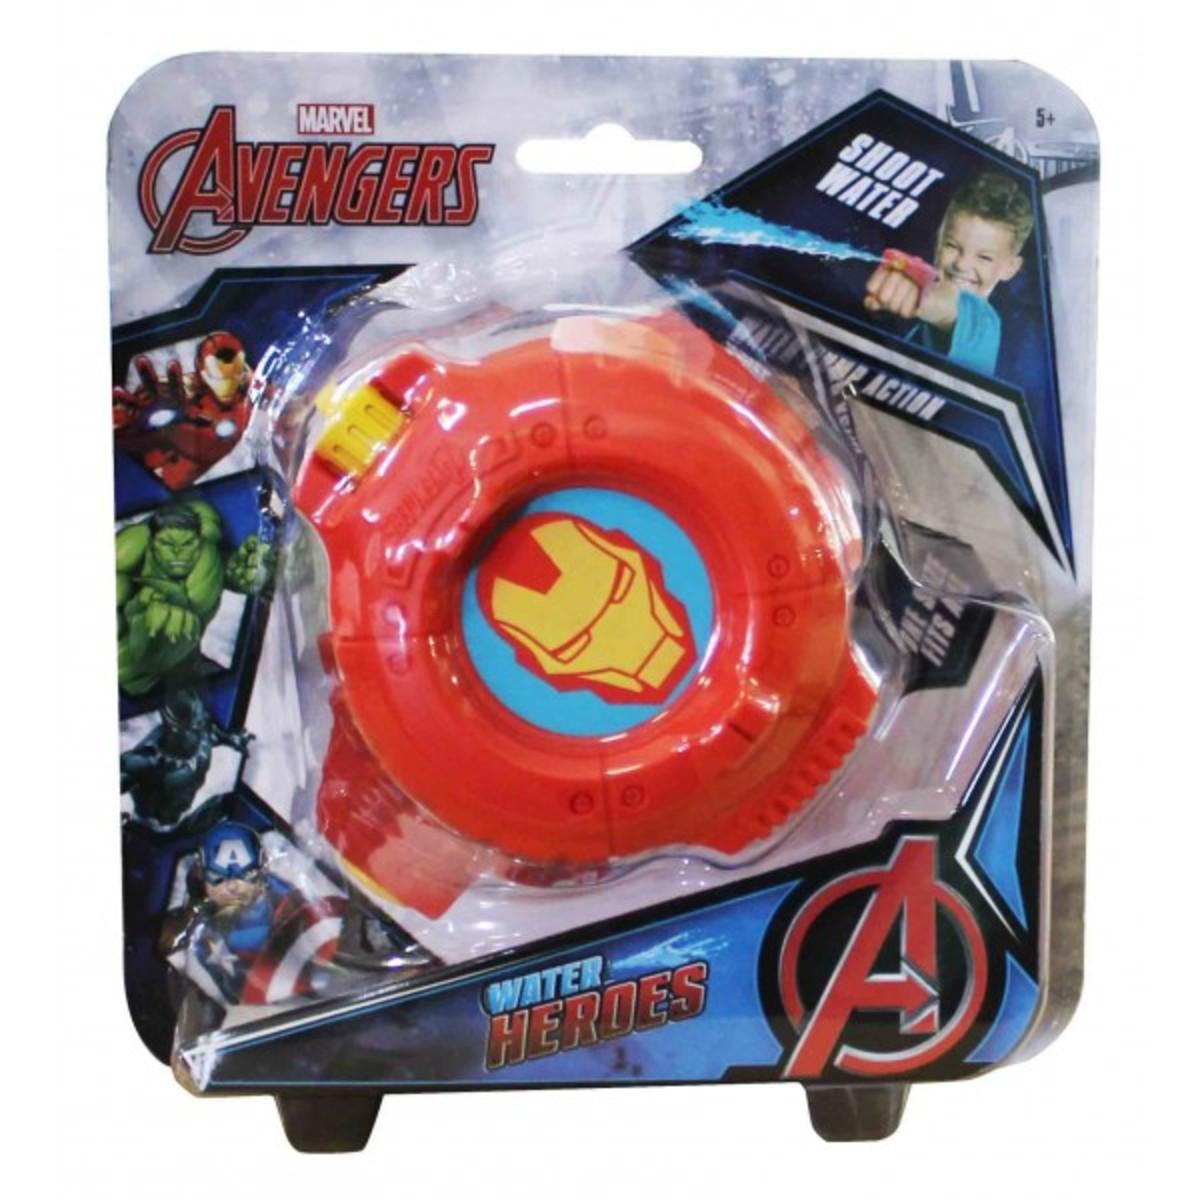 Water Hero - Ironman (Licensed by Disney)